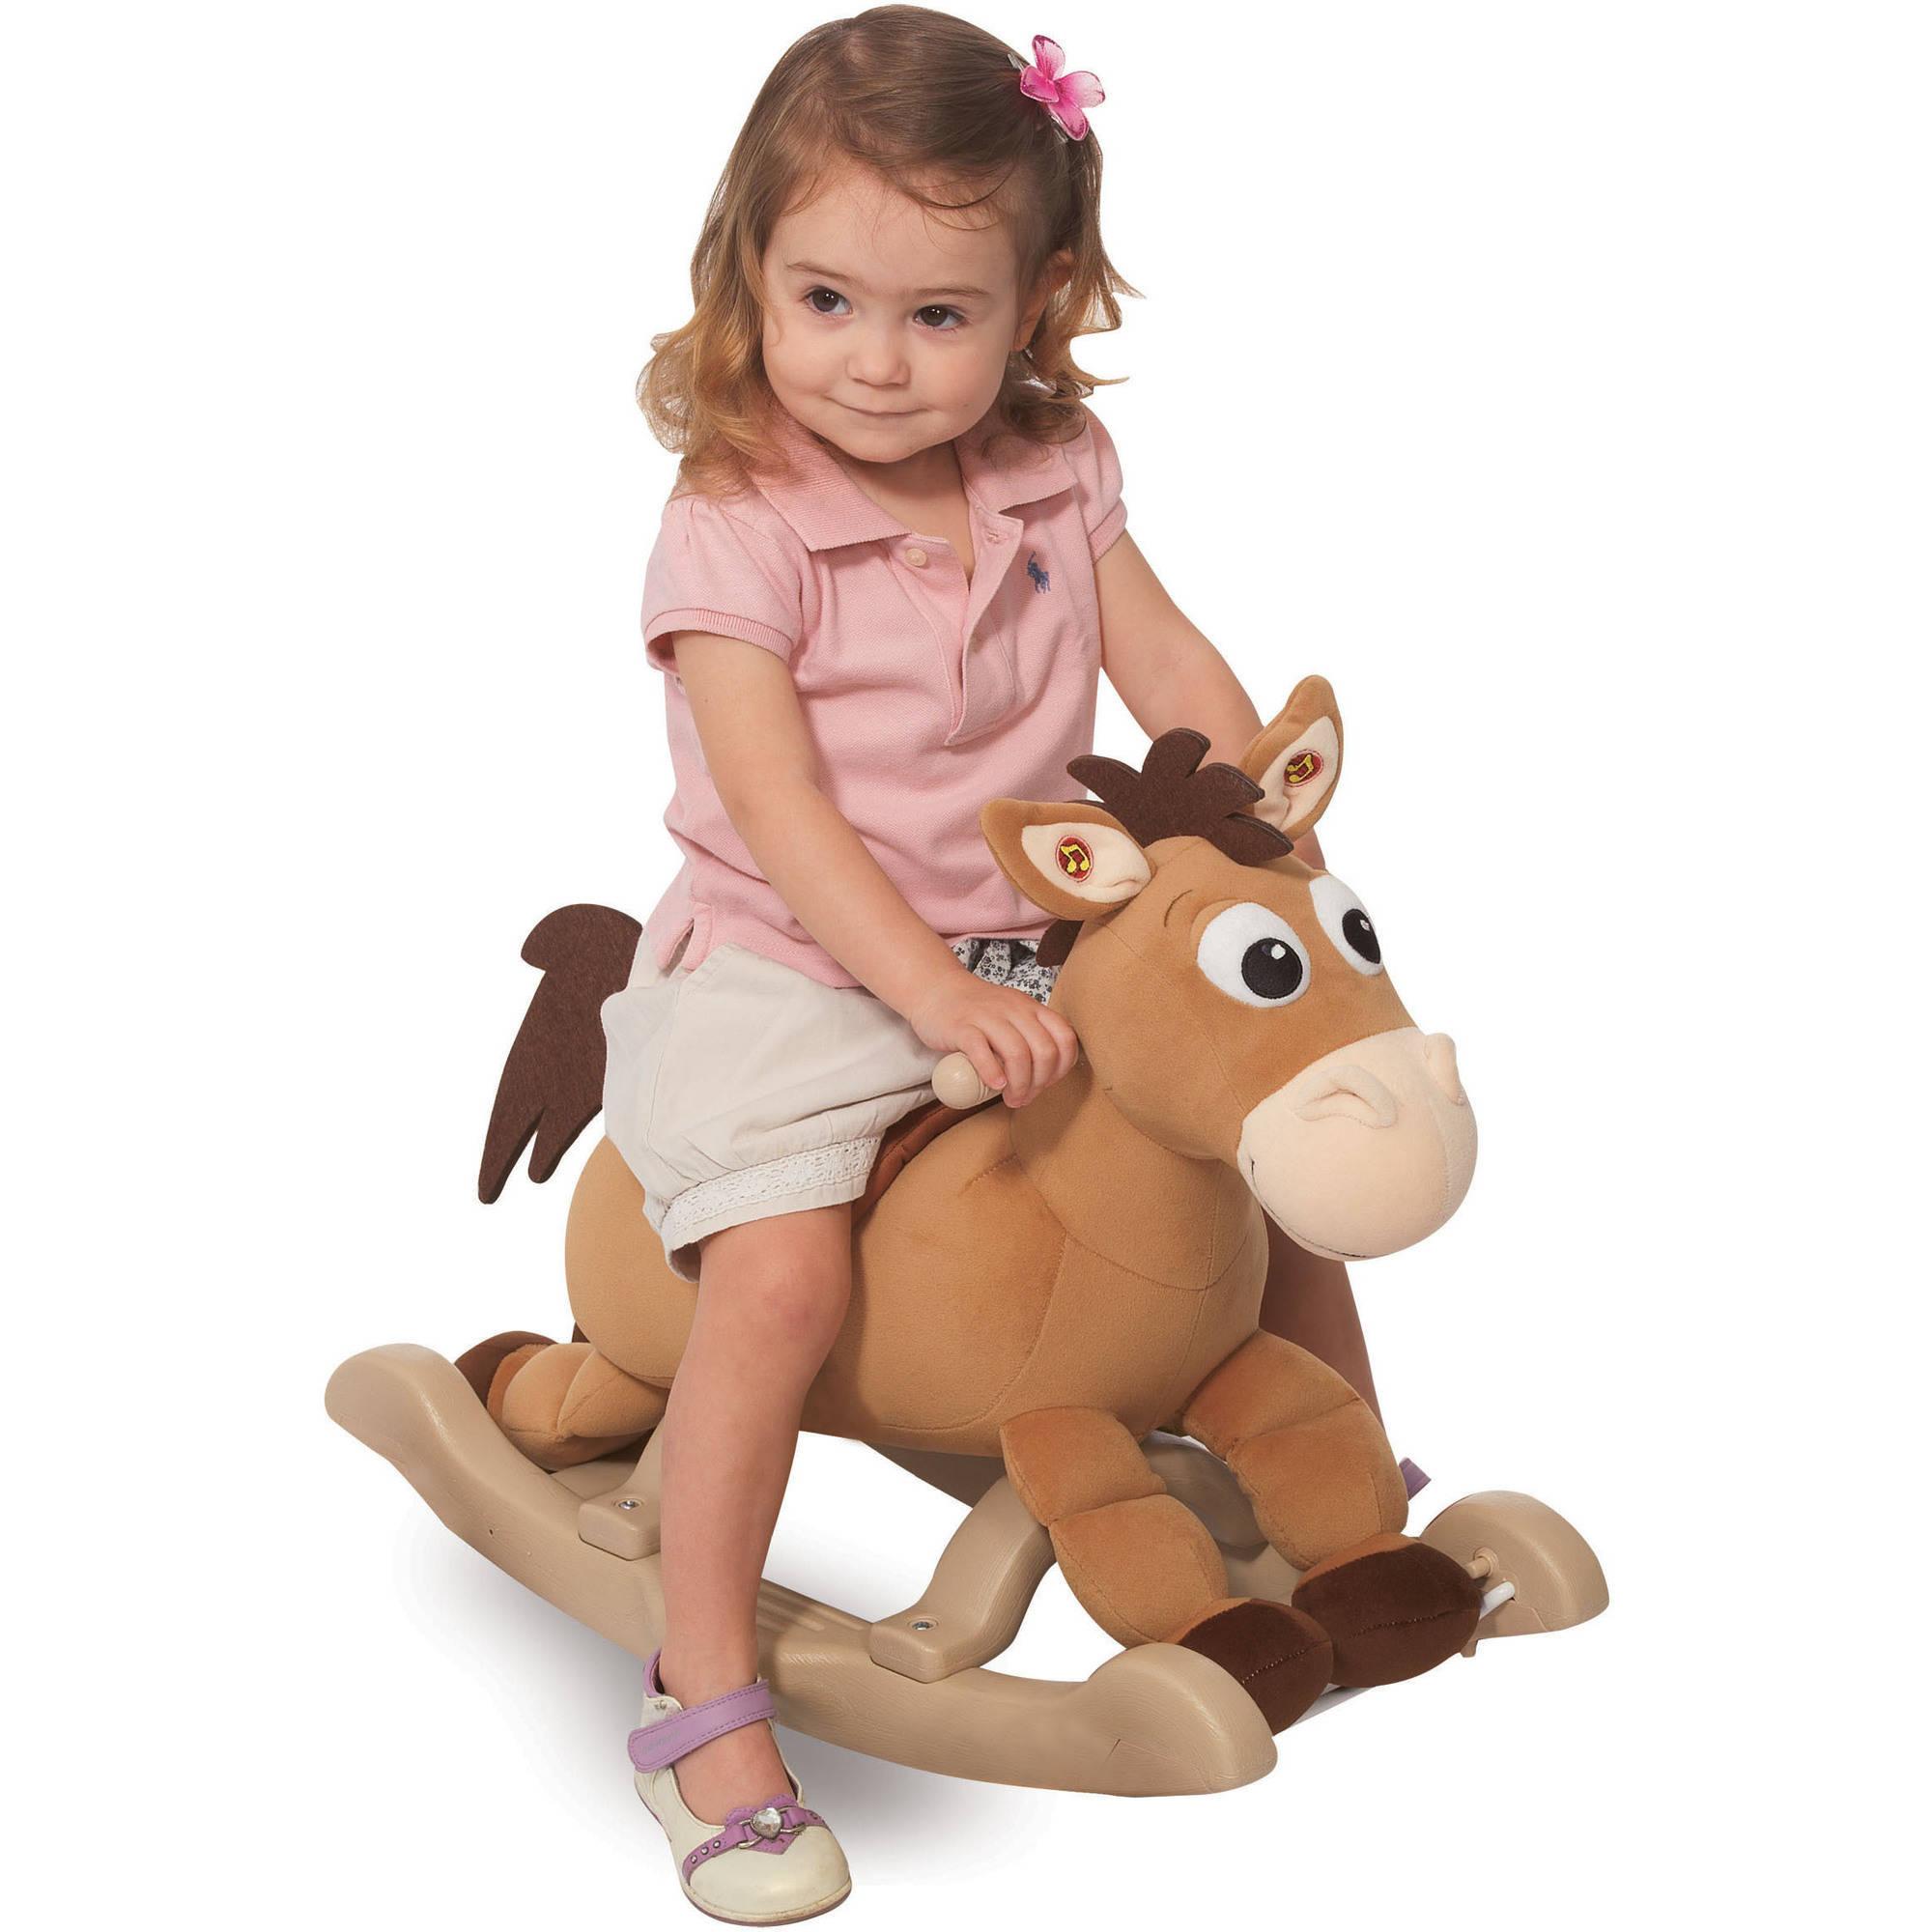 ม้าโยกแสนน่ารักสุดคลาสสิค Kiddieland My Rocking Pony (Toy Story's Bullseye)